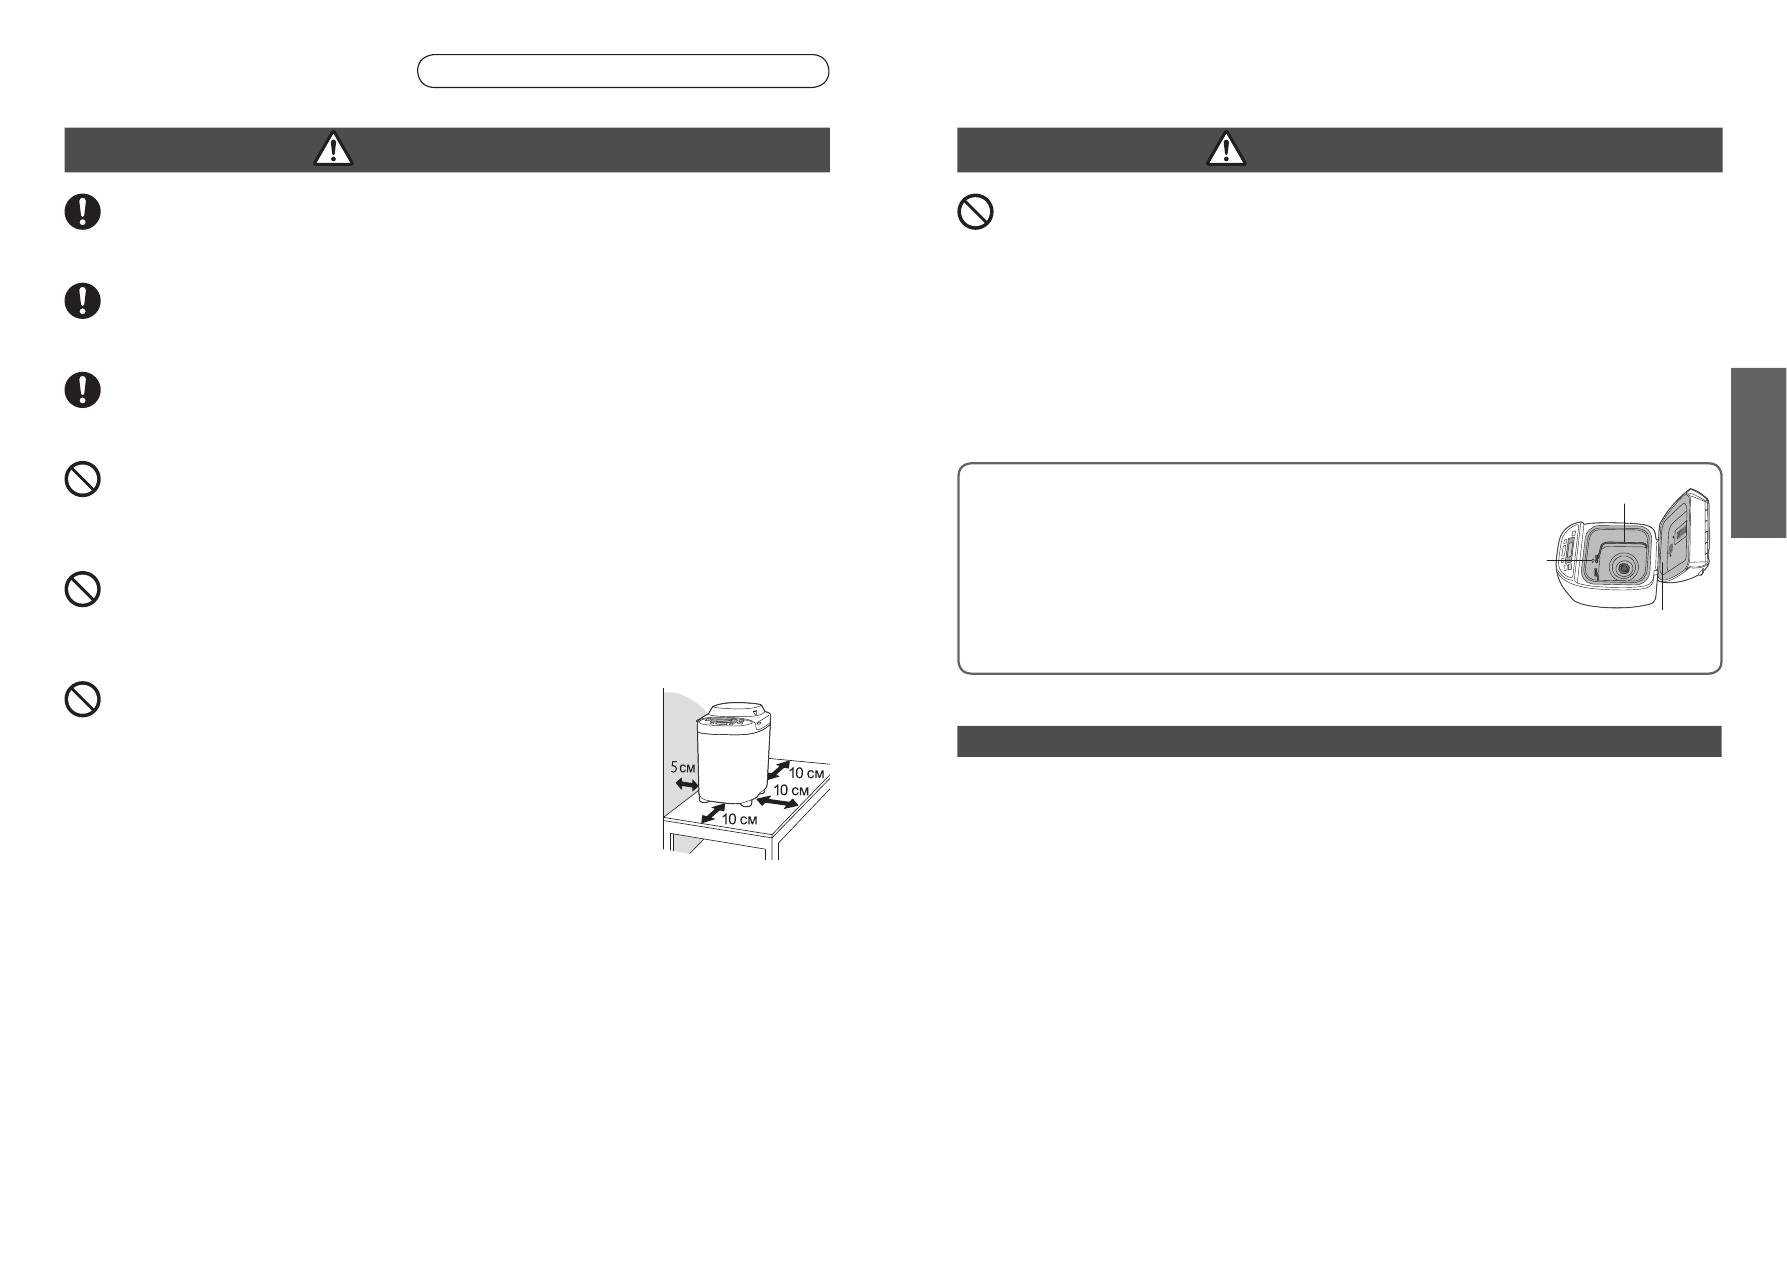 инструкция по эксплуатации хлебопечки панасоник sd 2501 скачать